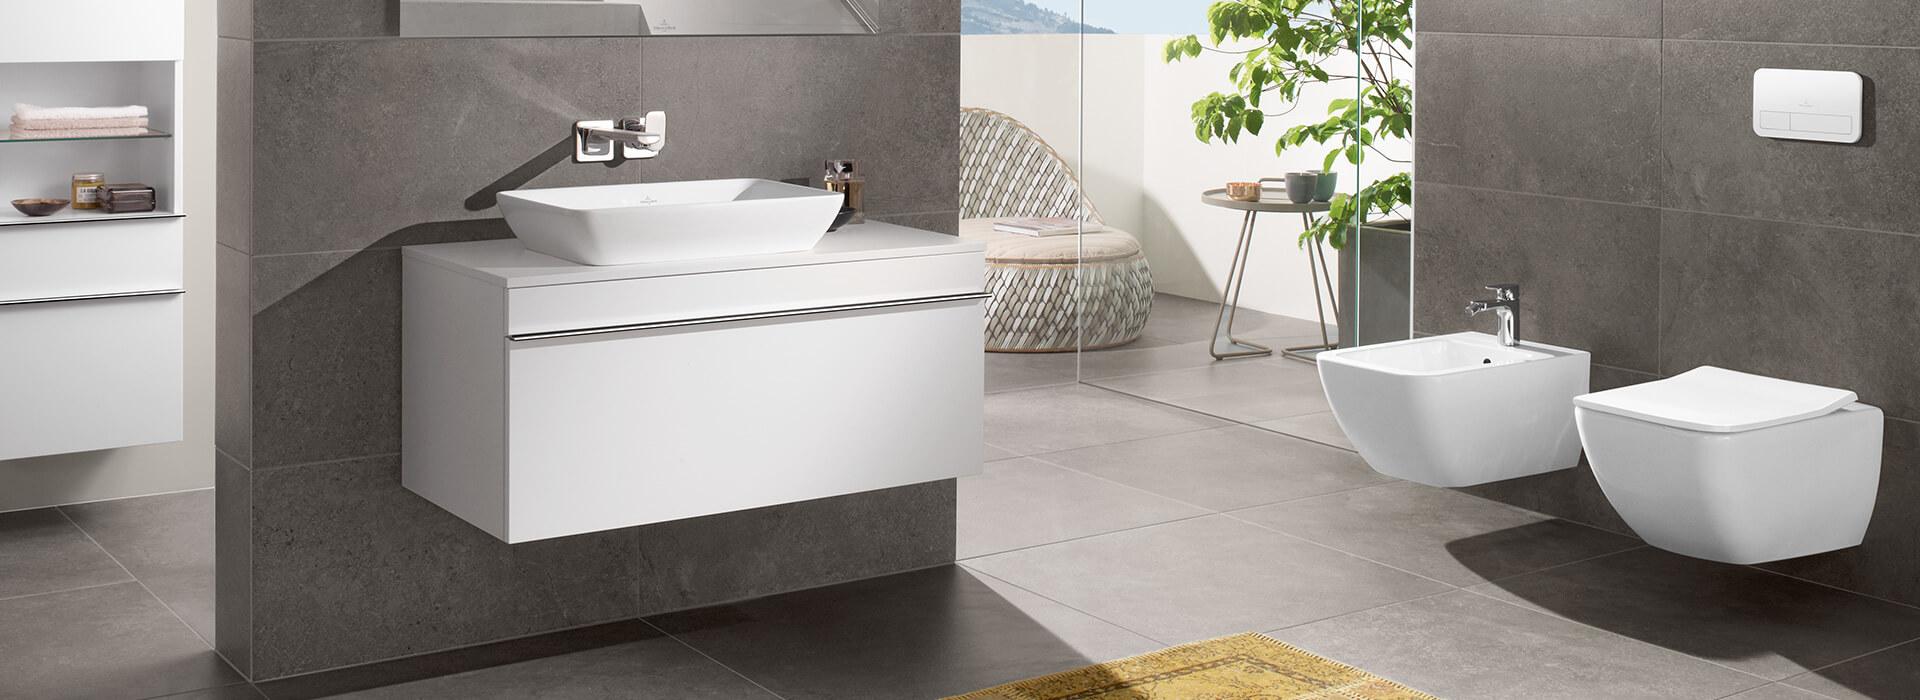 villeroy & boch, Badezimmer